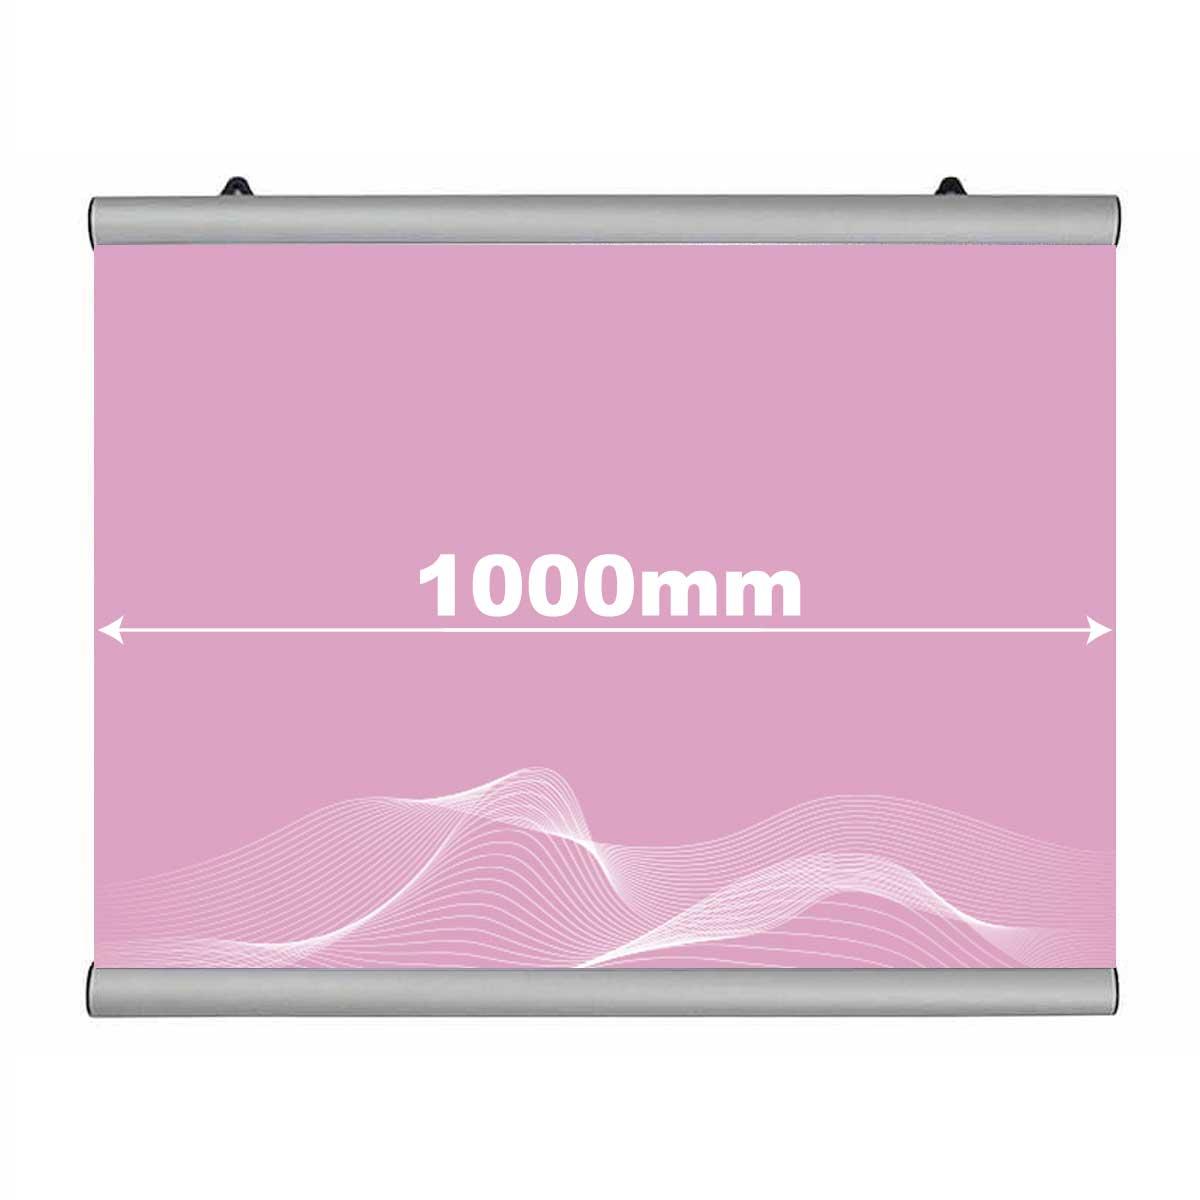 Poster Hanger Click, JJ DISPLAYS, 1000 mm